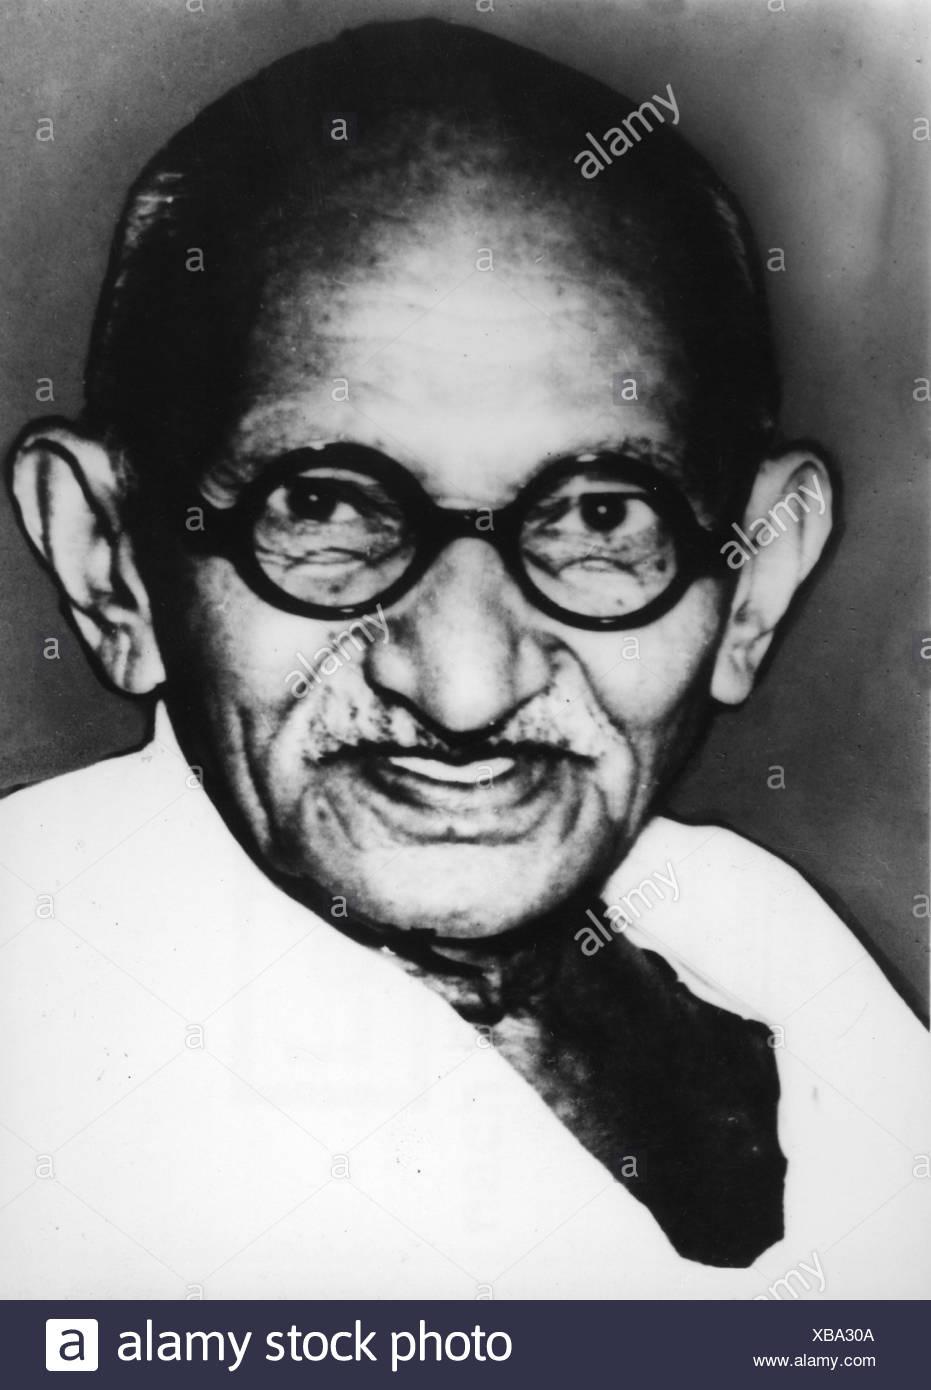 Gandhi, Mohandas Karamchand genannt Mahatma, 2.10.1869 - 30.1.1948, indischer Politiker, Porträt, 1930er Jahre, Stockfoto